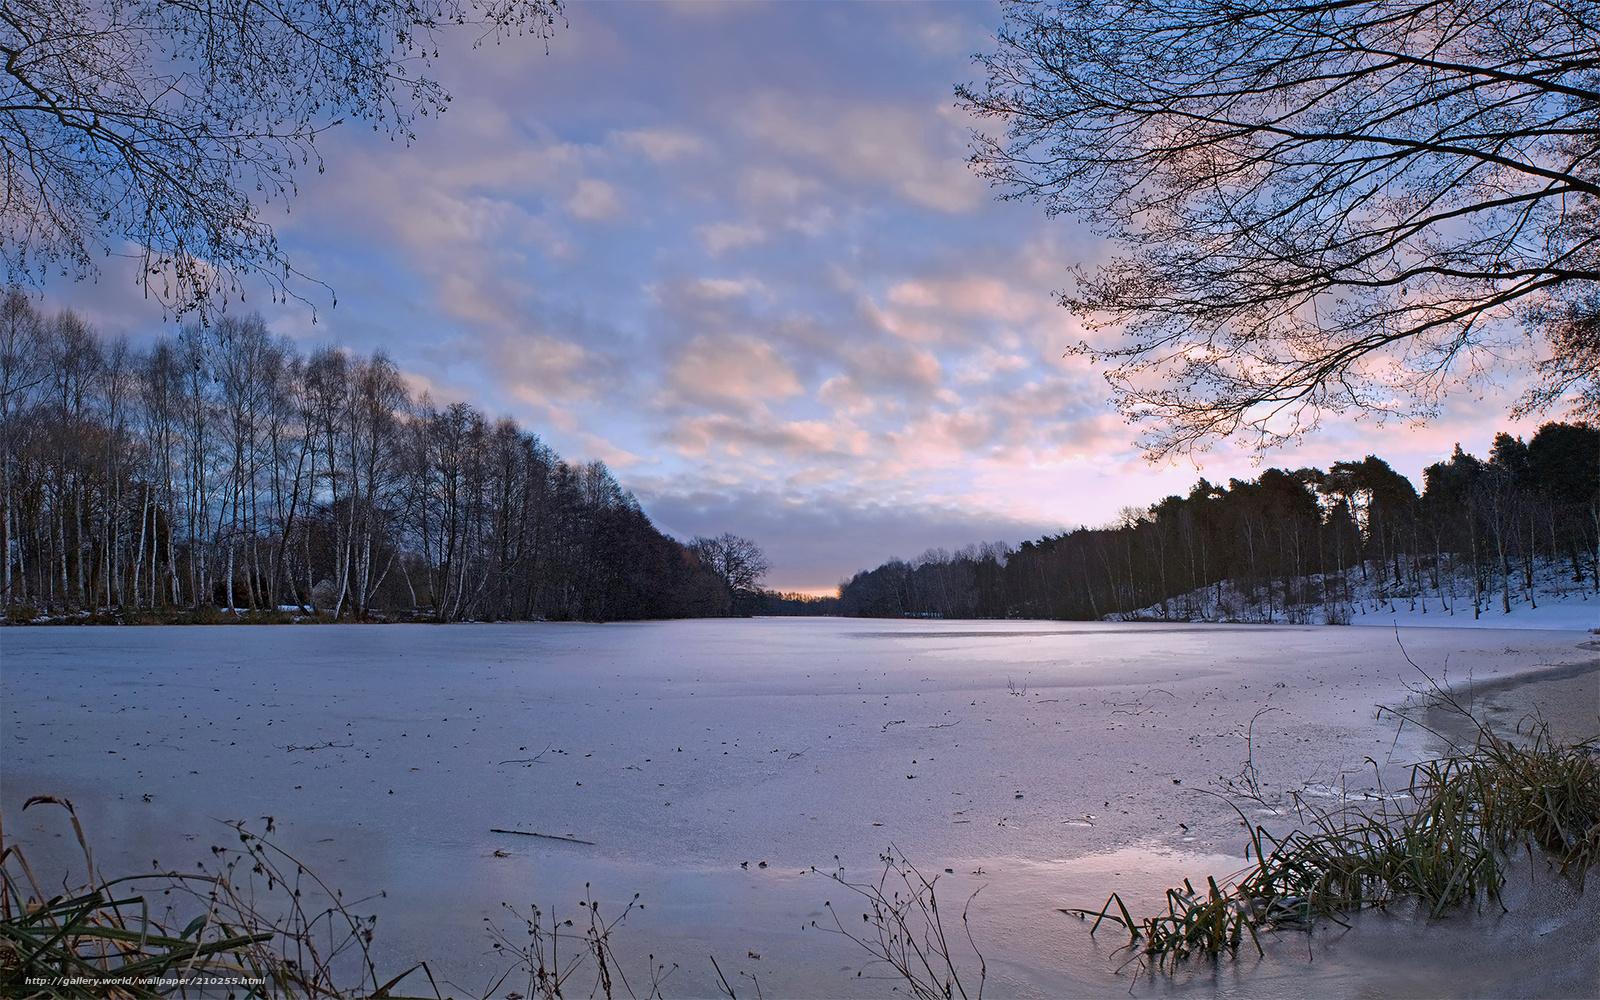 Scaricare gli sfondi lago ghiacciato freddo inverno for Desktop gratis inverno